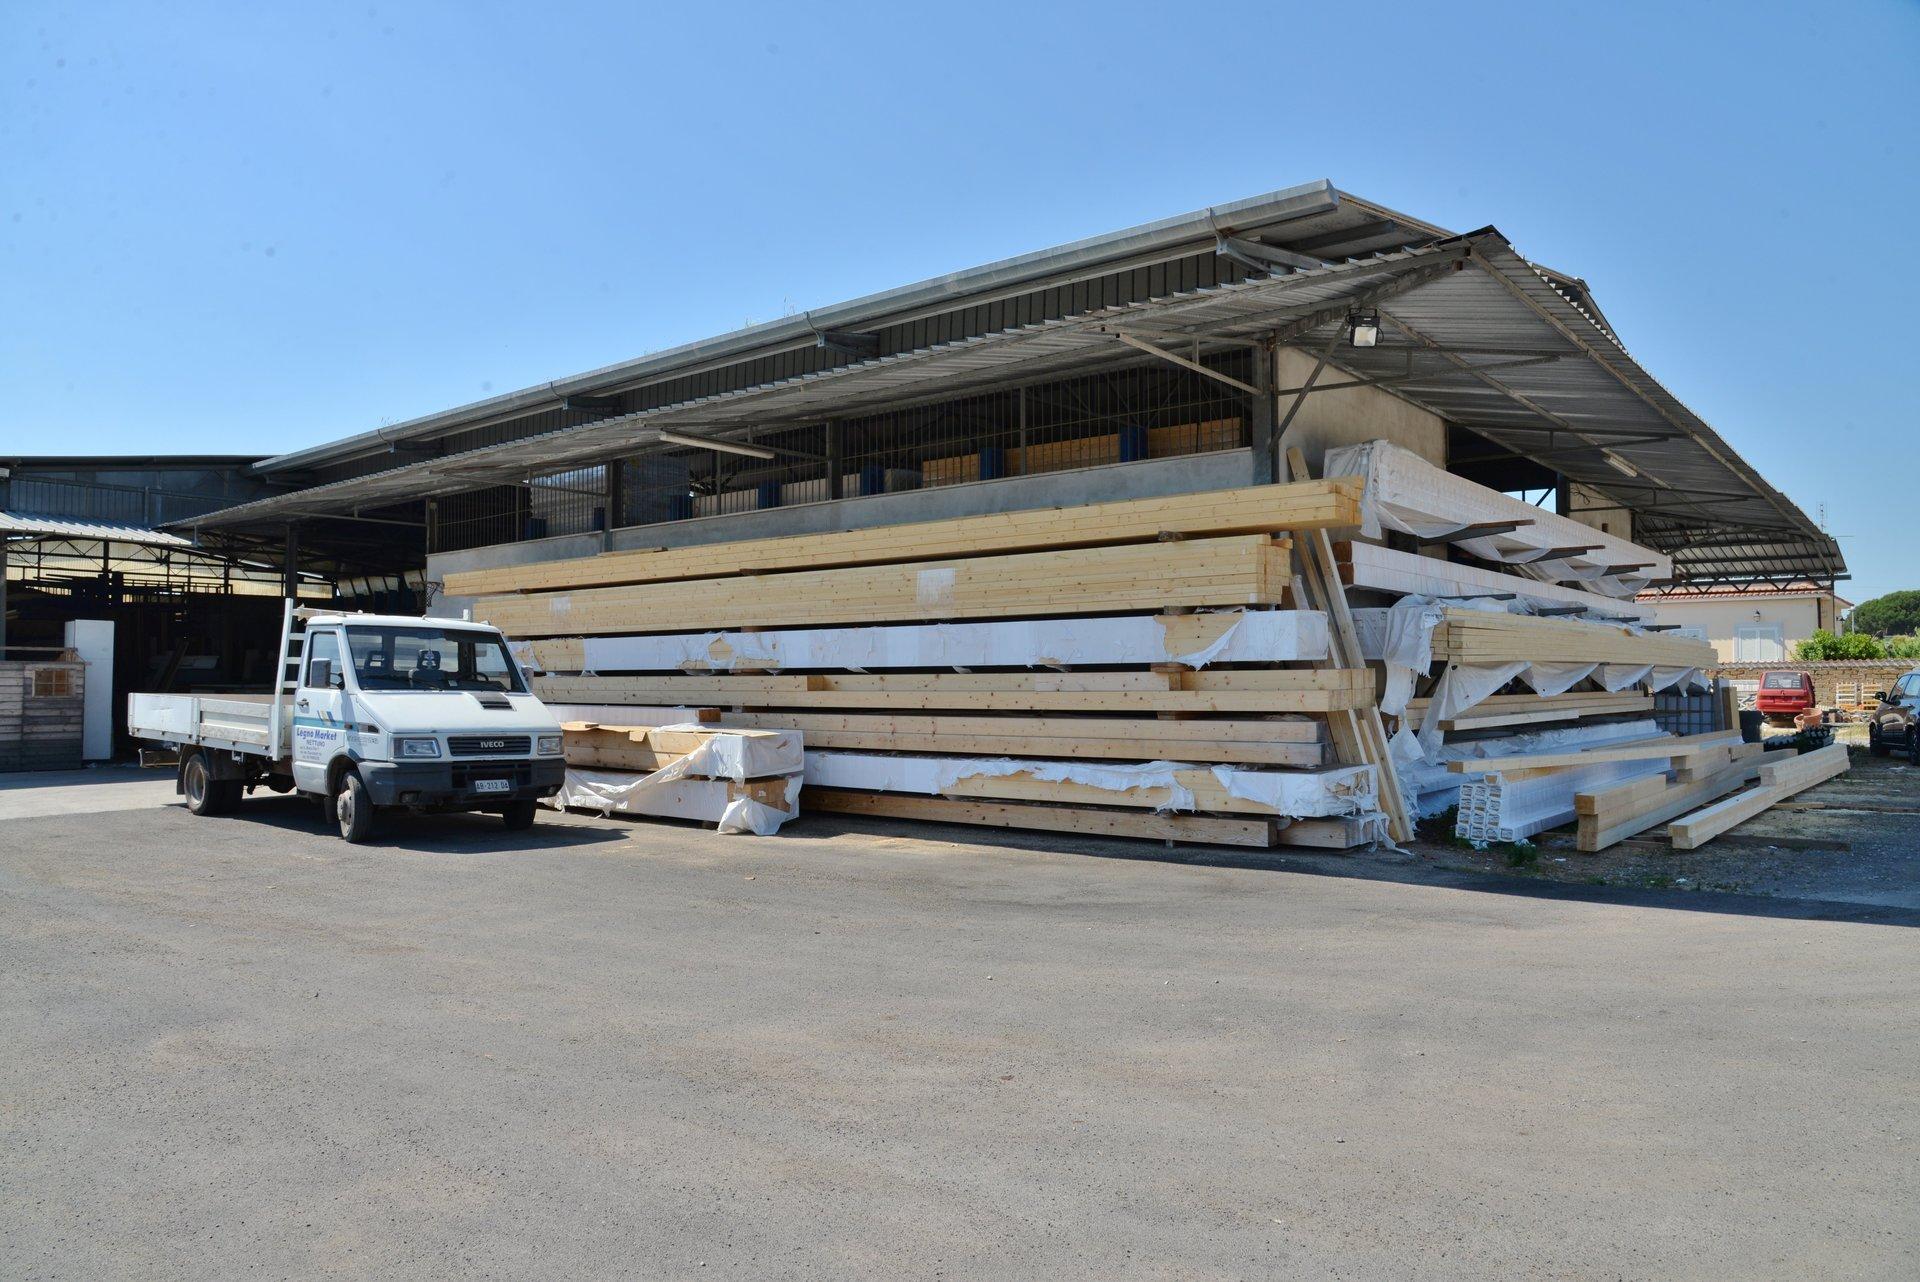 Vendita di legno compensato nettuno rm legnomarket s a s for Hobbistica legno